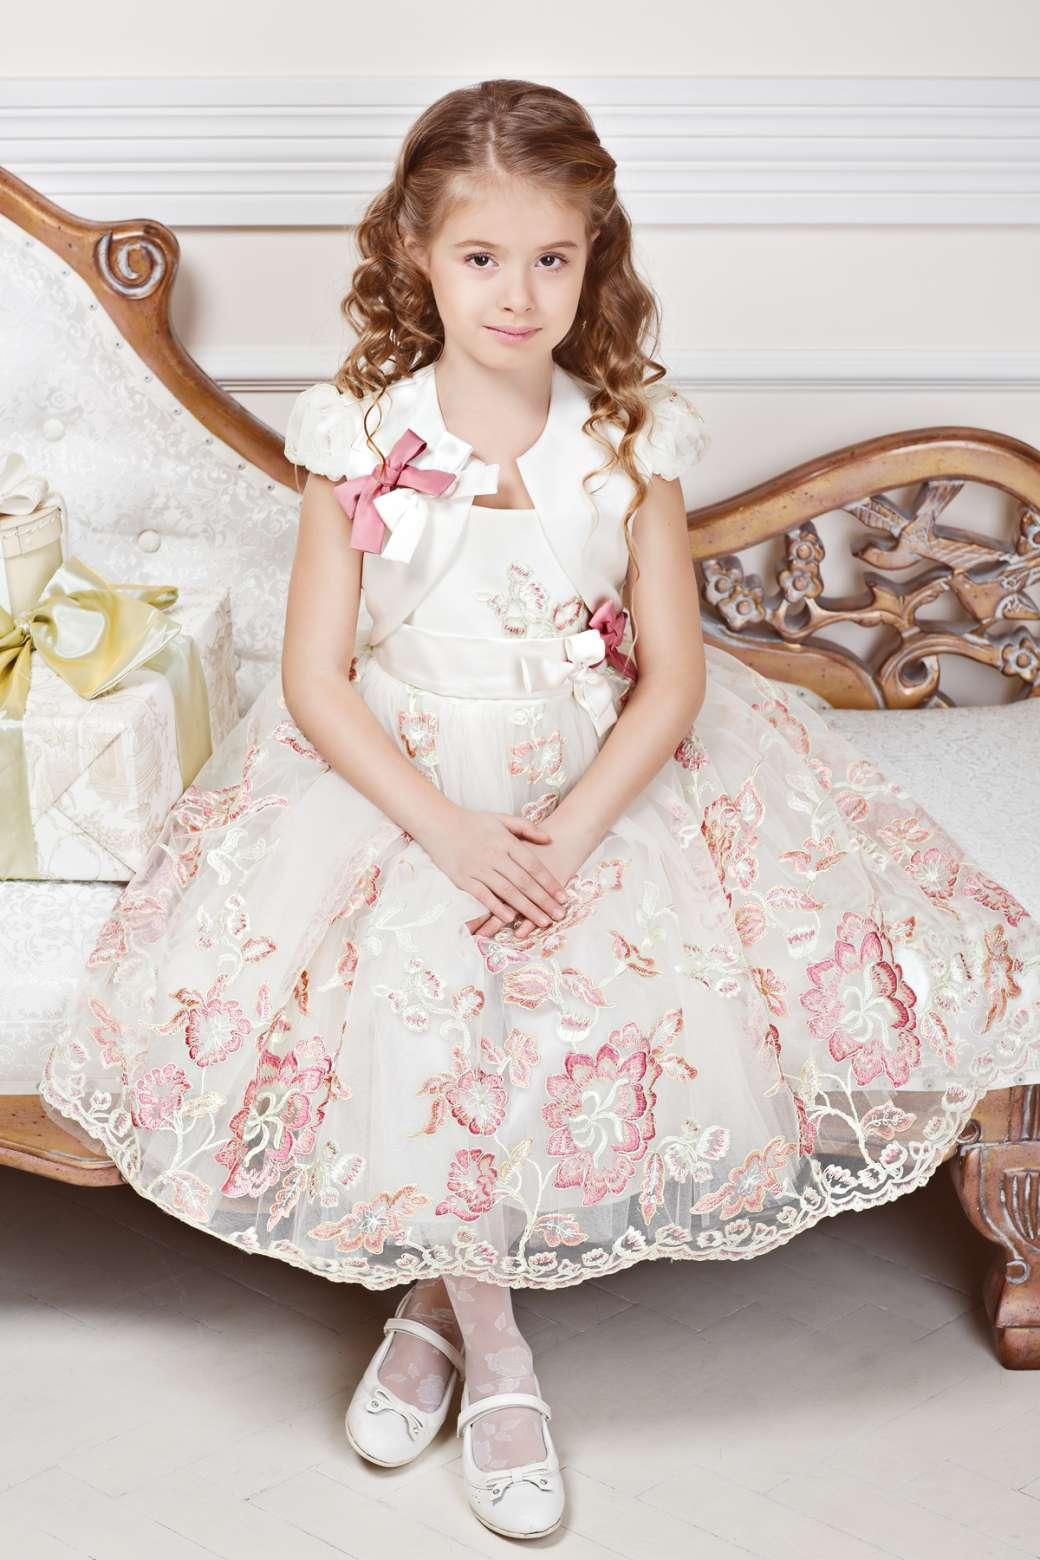 aa948467f1a Выпускные платья для девочек в детском саду (59 фото)  платья на ...